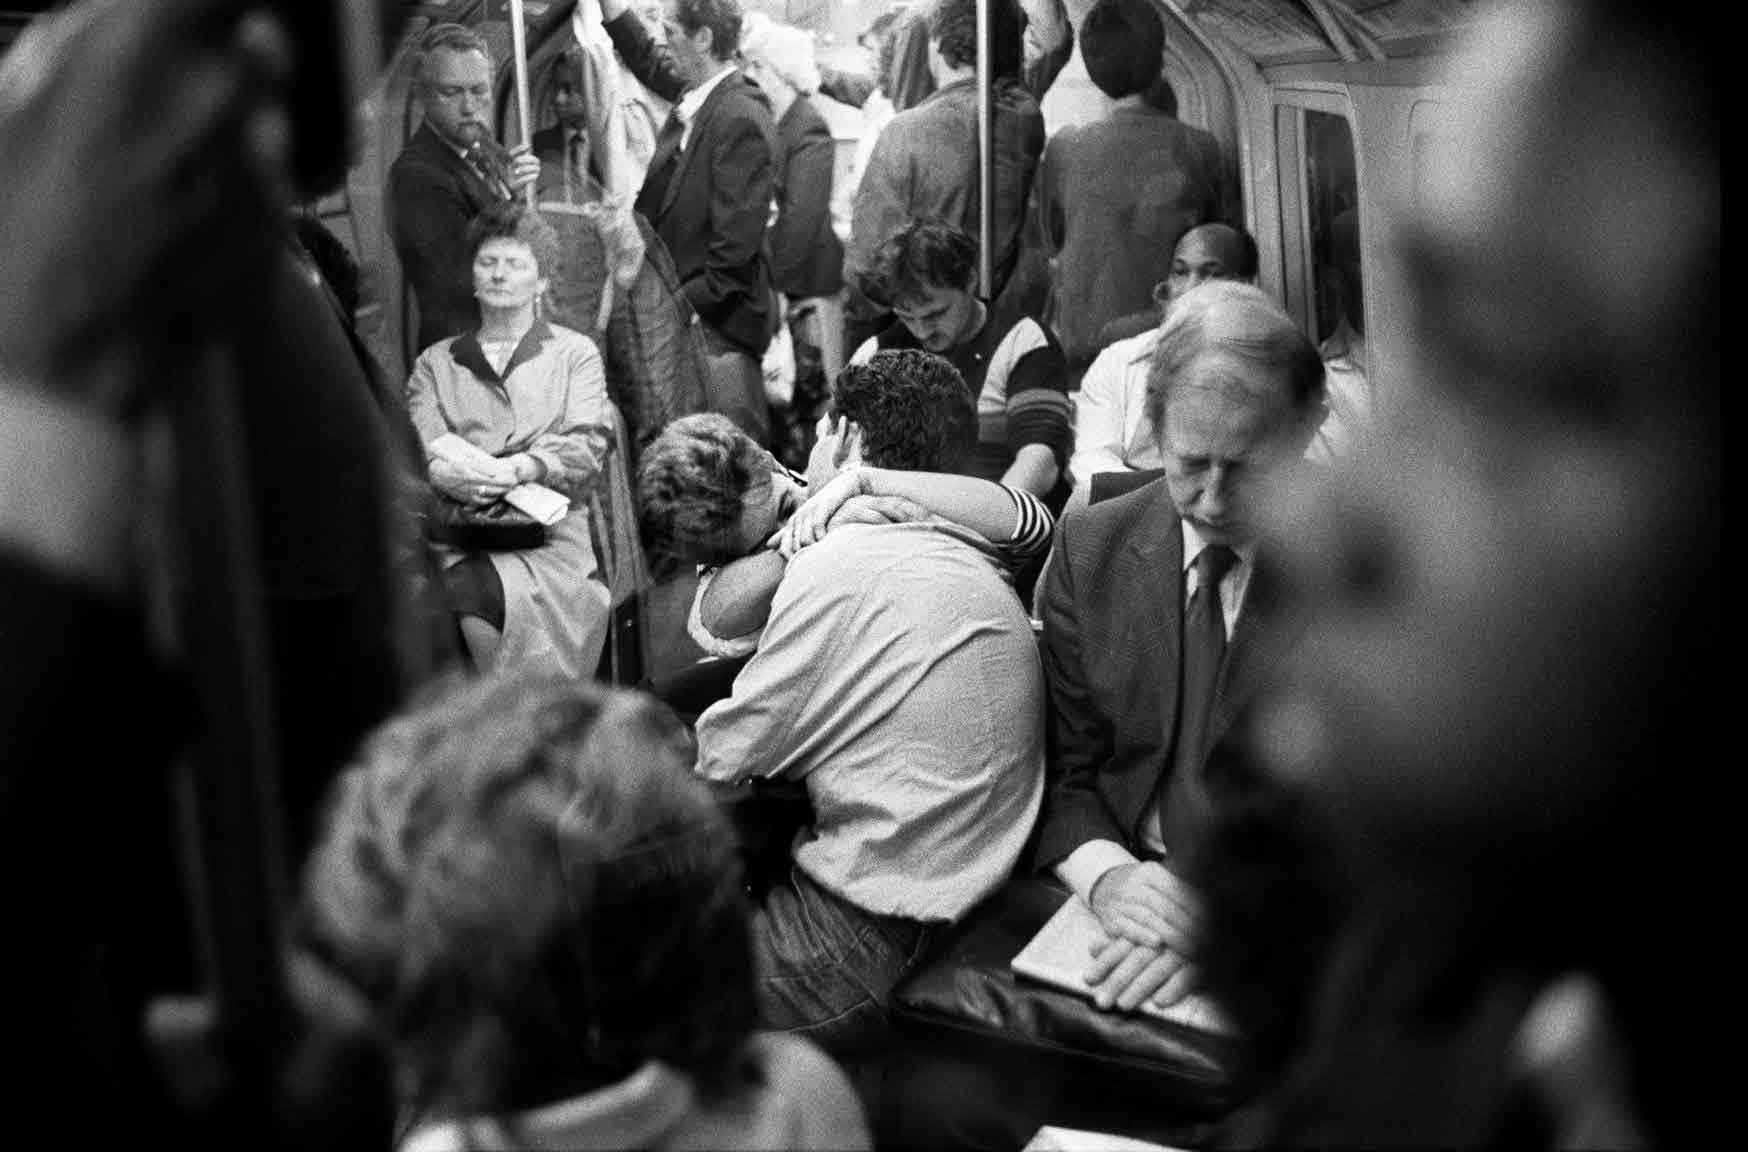 Публичное уединение в метро, Лондон. Боб Маззер